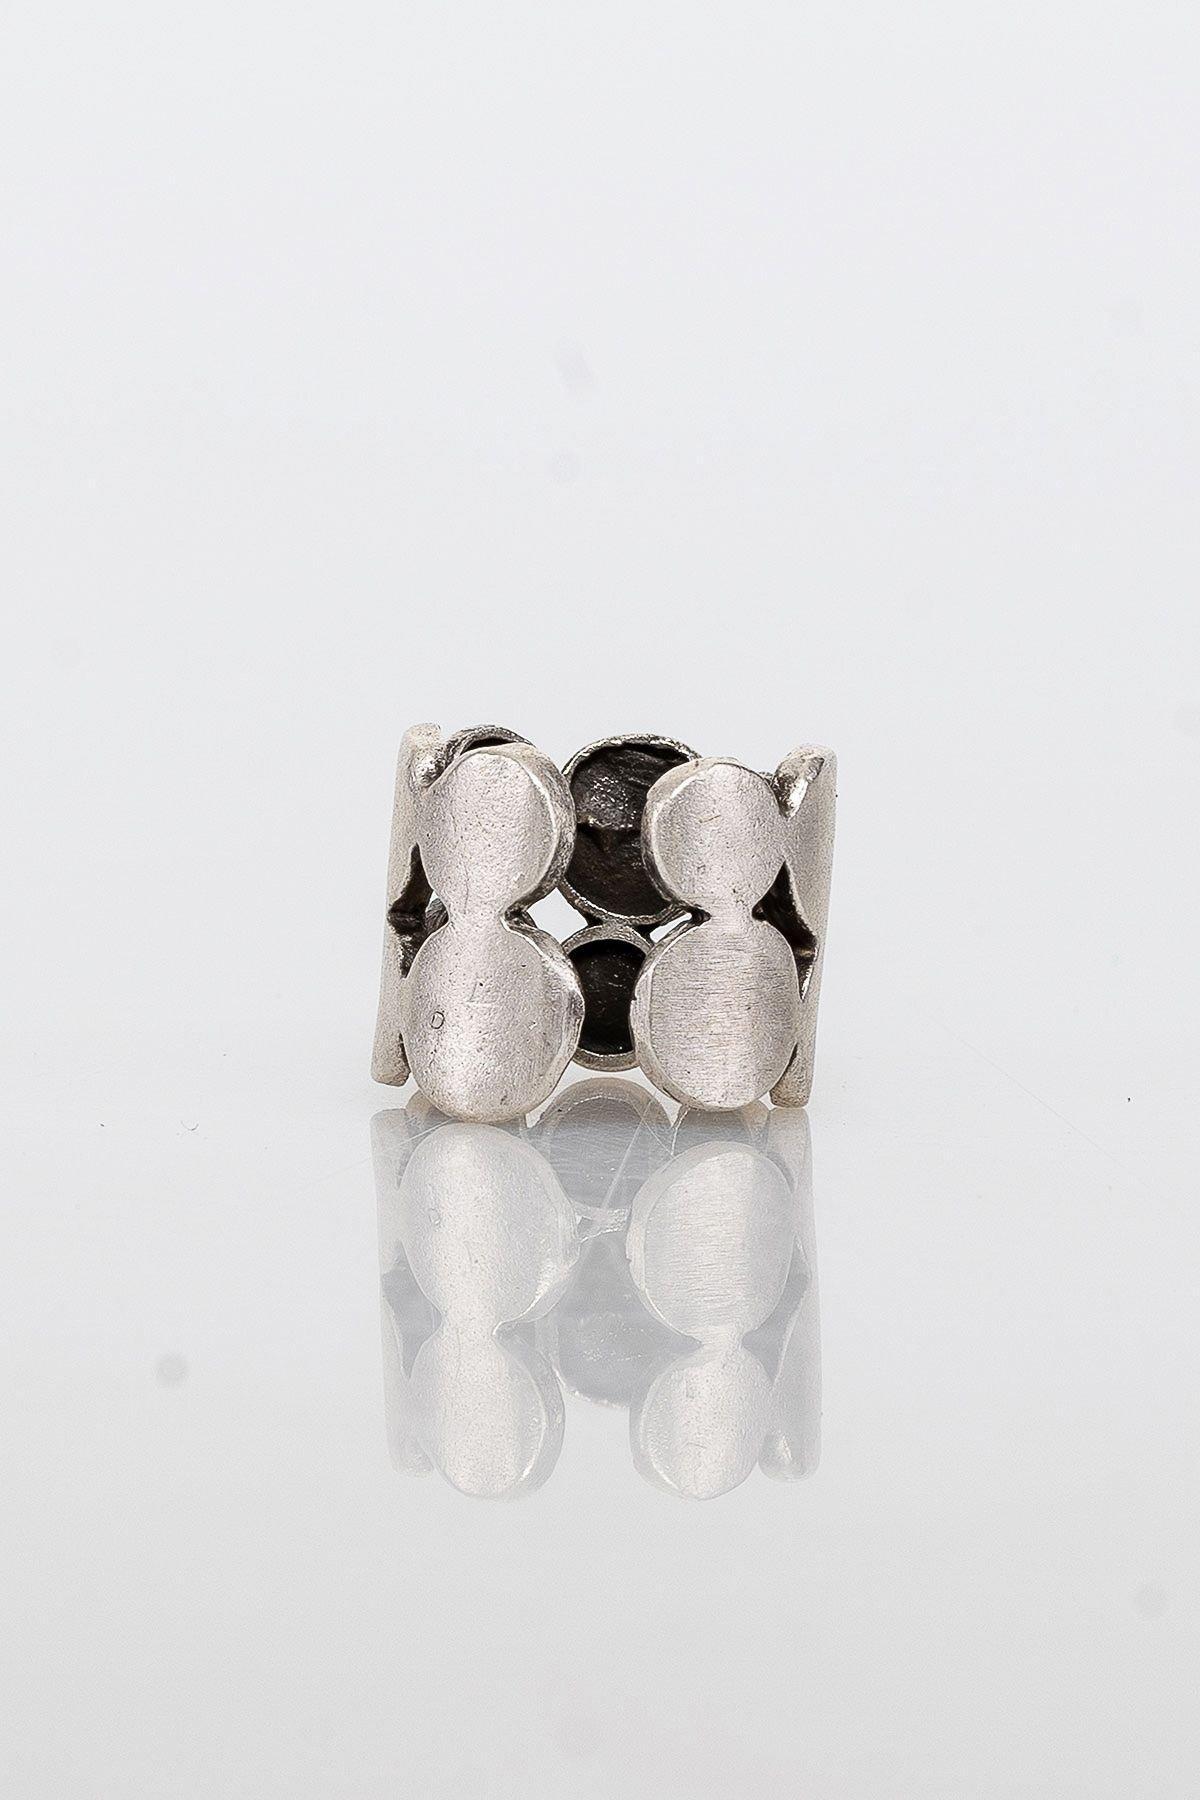 Pegia Deri Çantalı Vintage Tasarım Yüzük 19YZ17 Gümüş